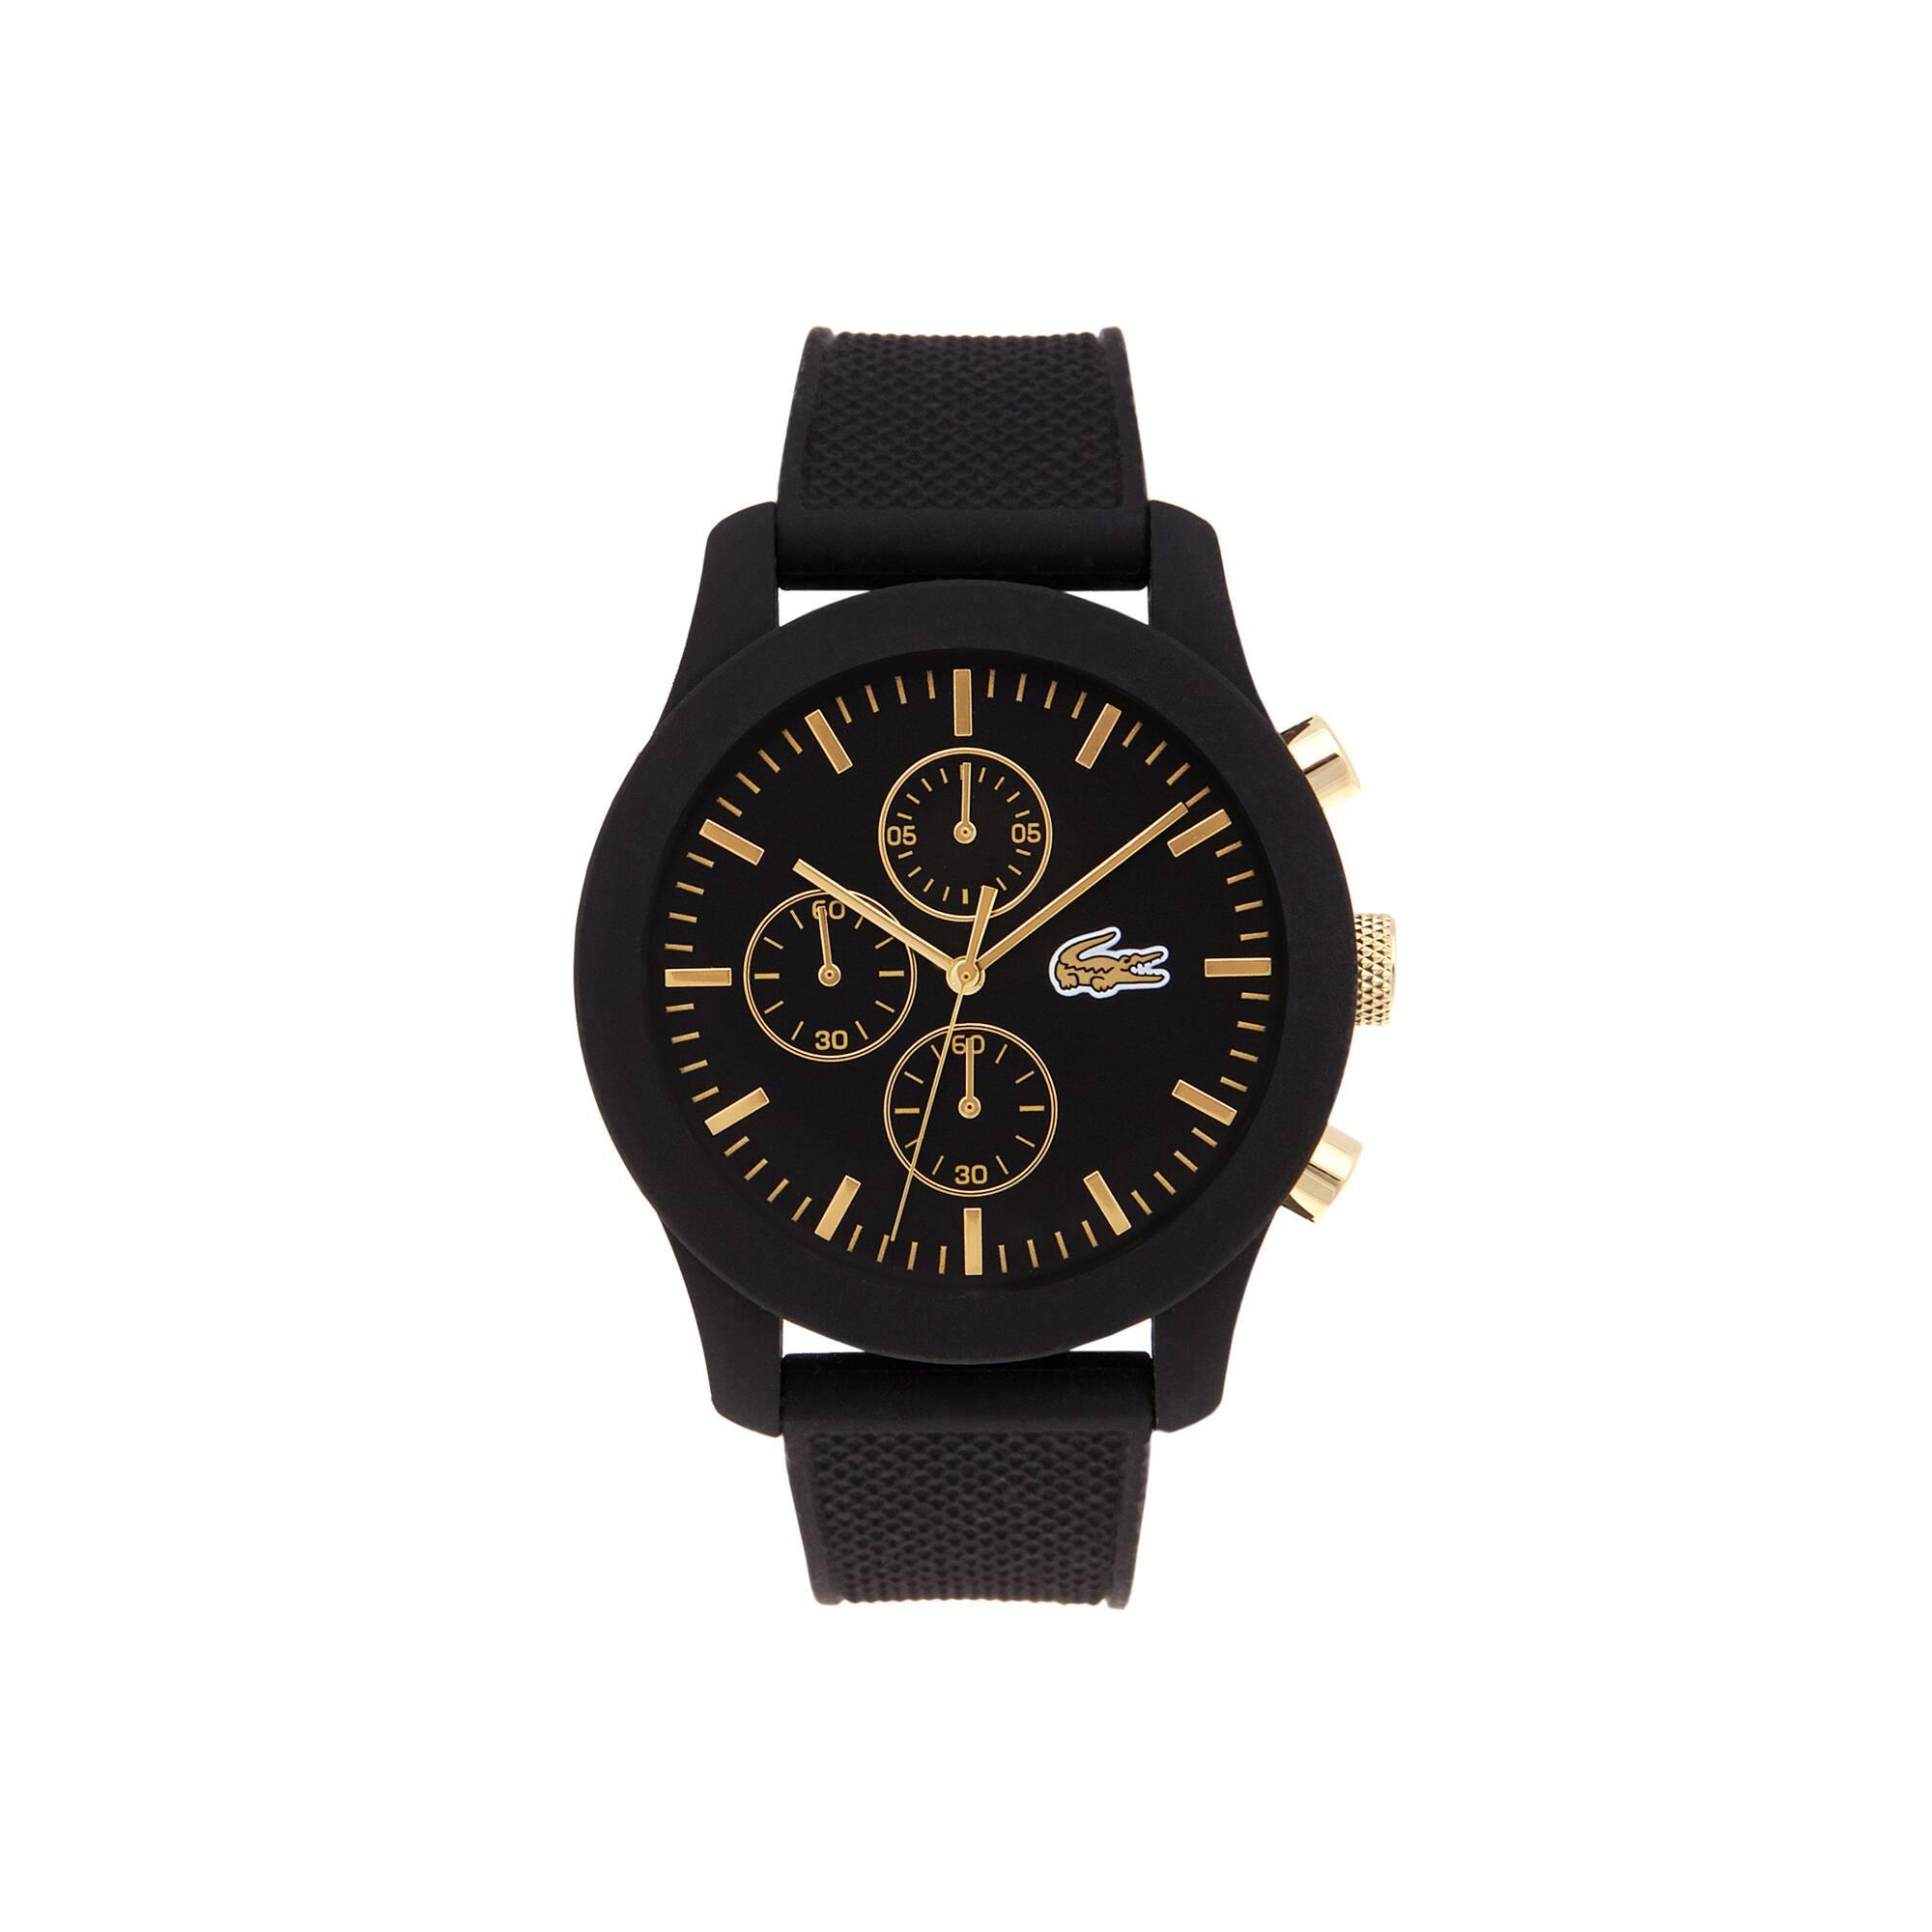 Orologio cronografo Lacoste 12.12 da uomo con cinturino in silicone nero